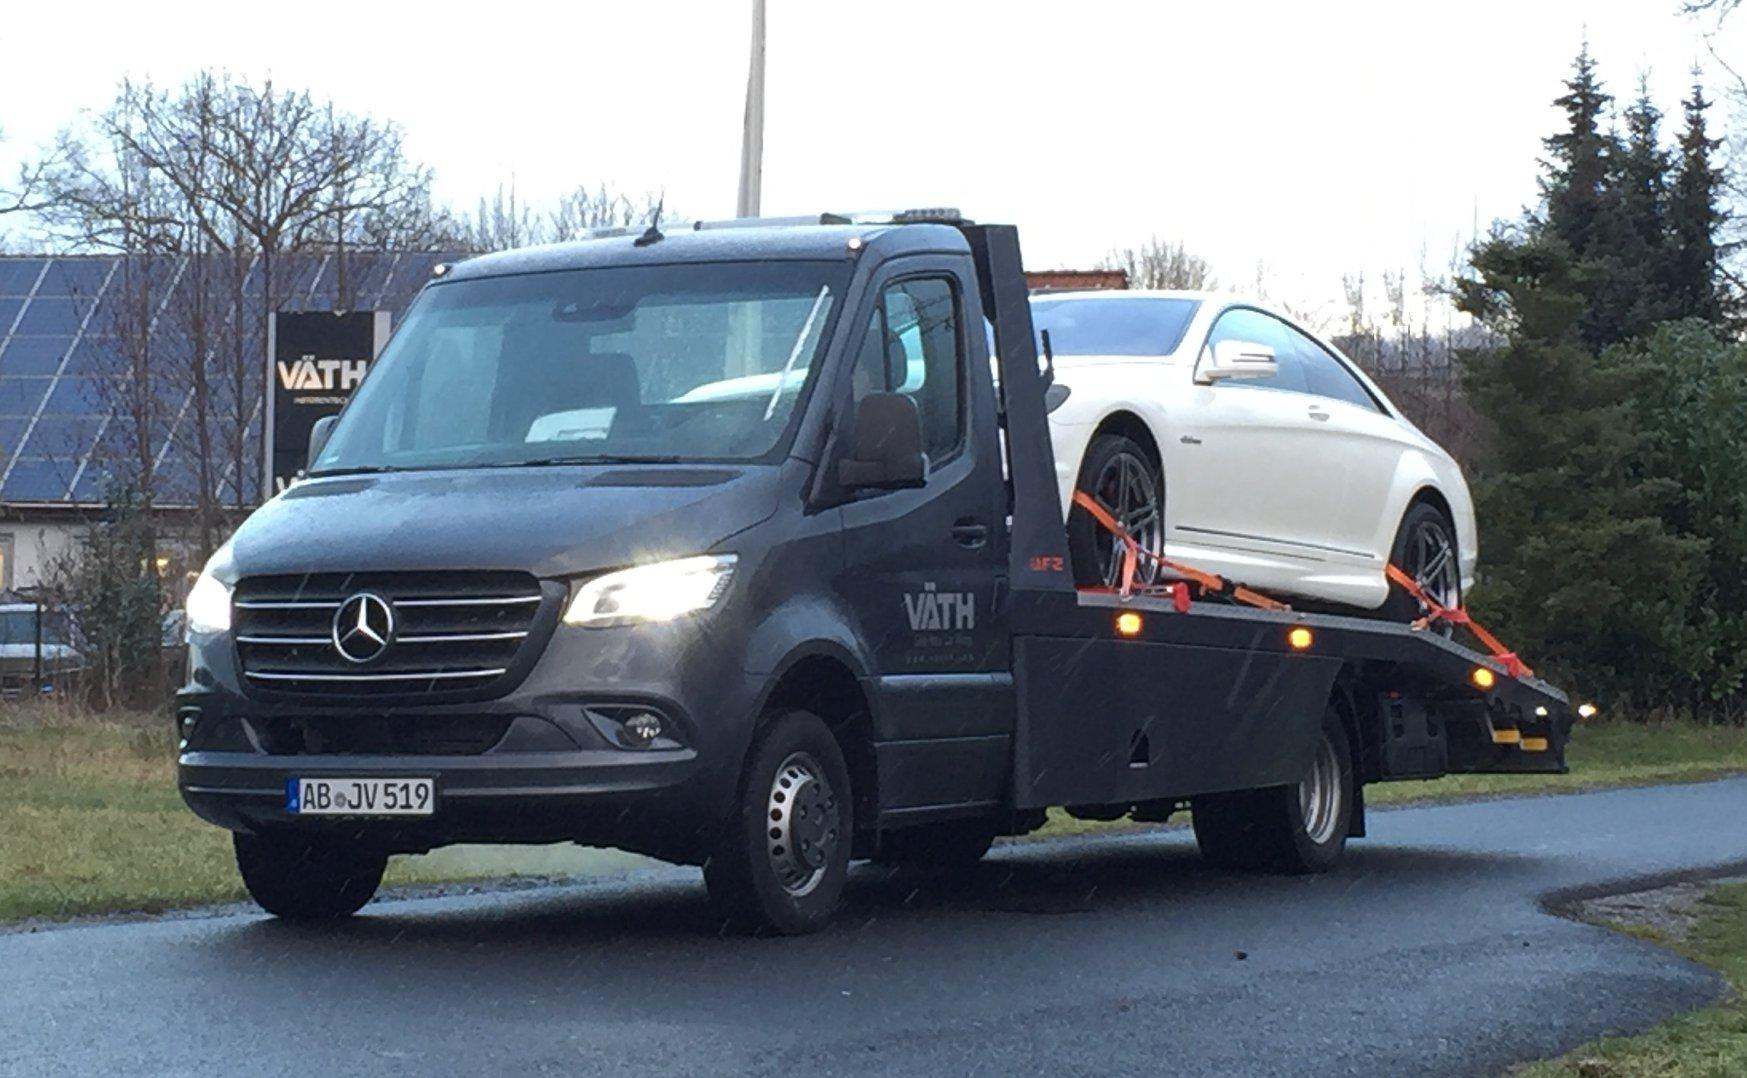 Mercedes-Benz Sprinter 519 CDI - Der neue Abschleppwagen von VÄTH